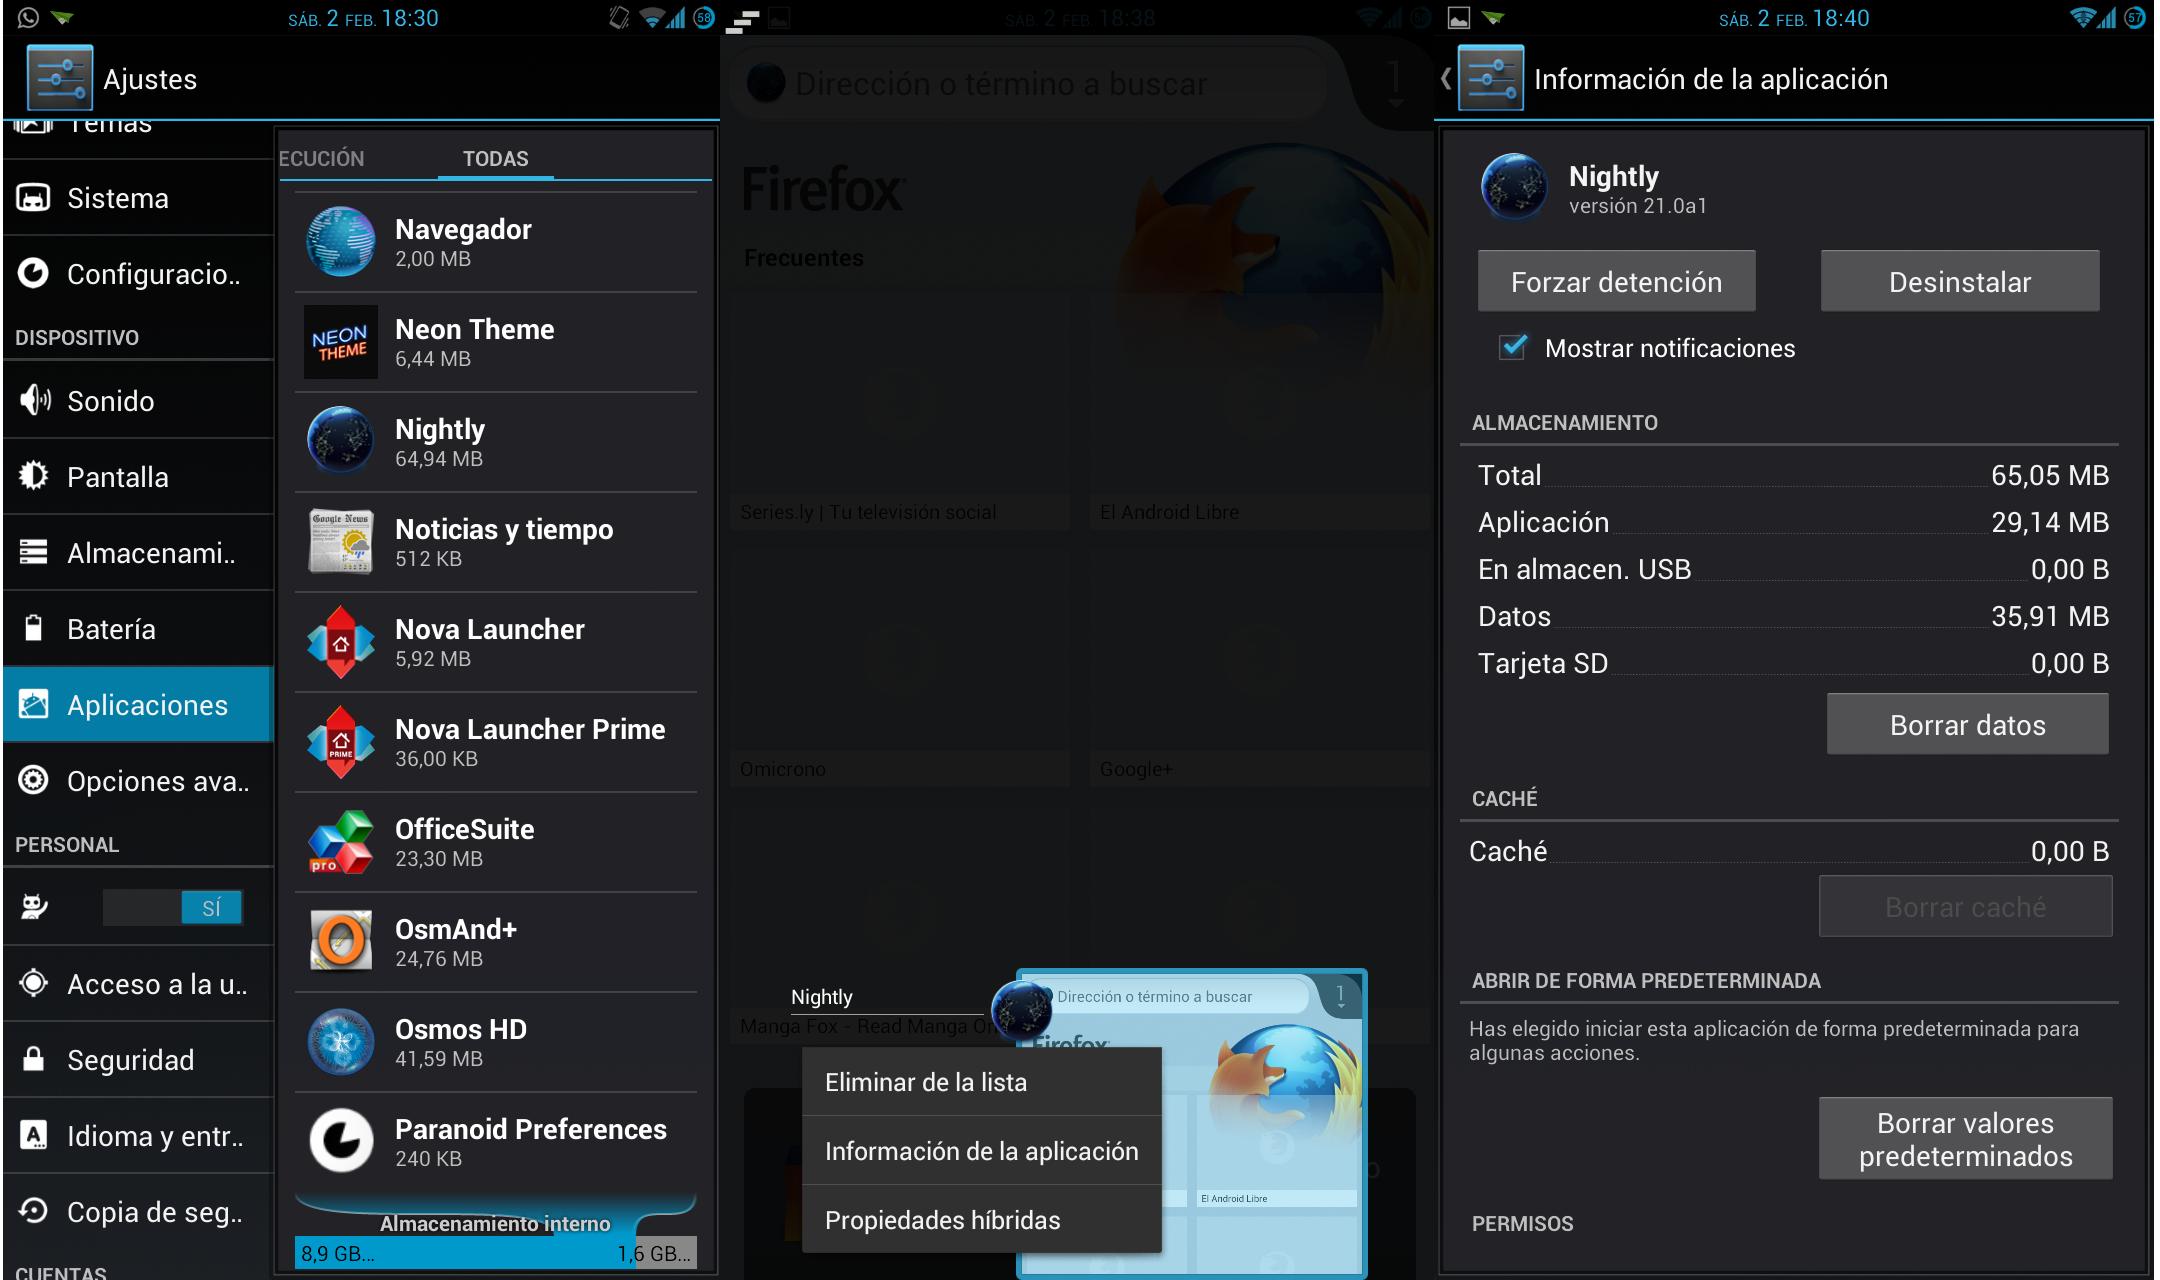 Desactivar Aplicaciones Predefinidas en Android.